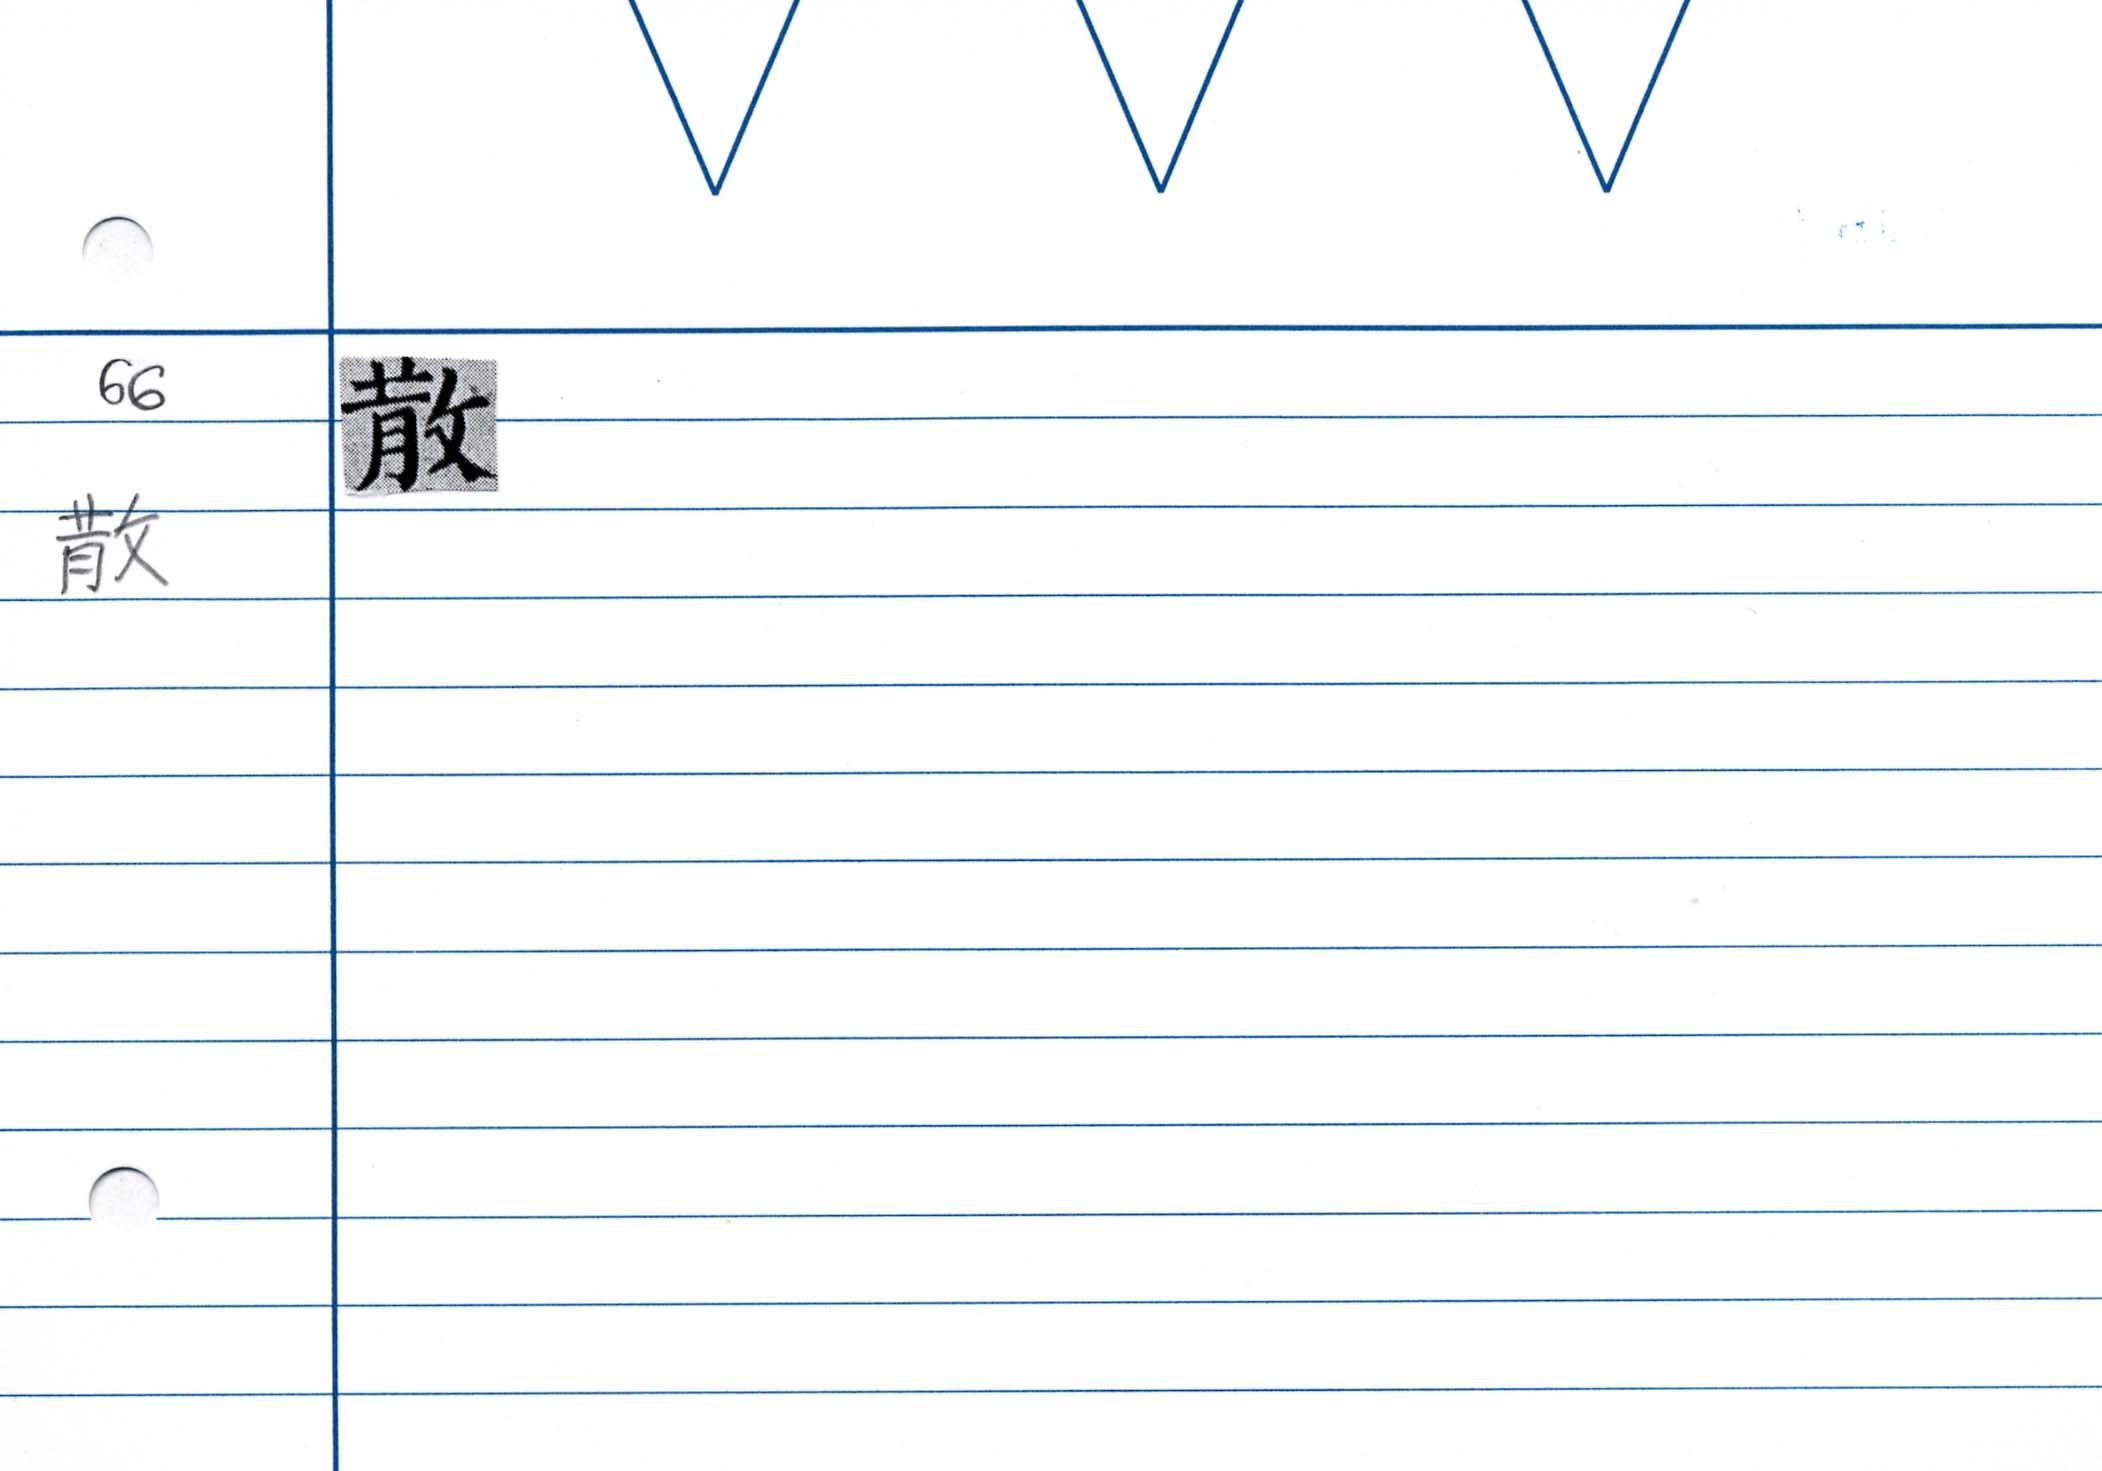 27_金剛般若經(京都国立博物館本)/cards/0063.jpg